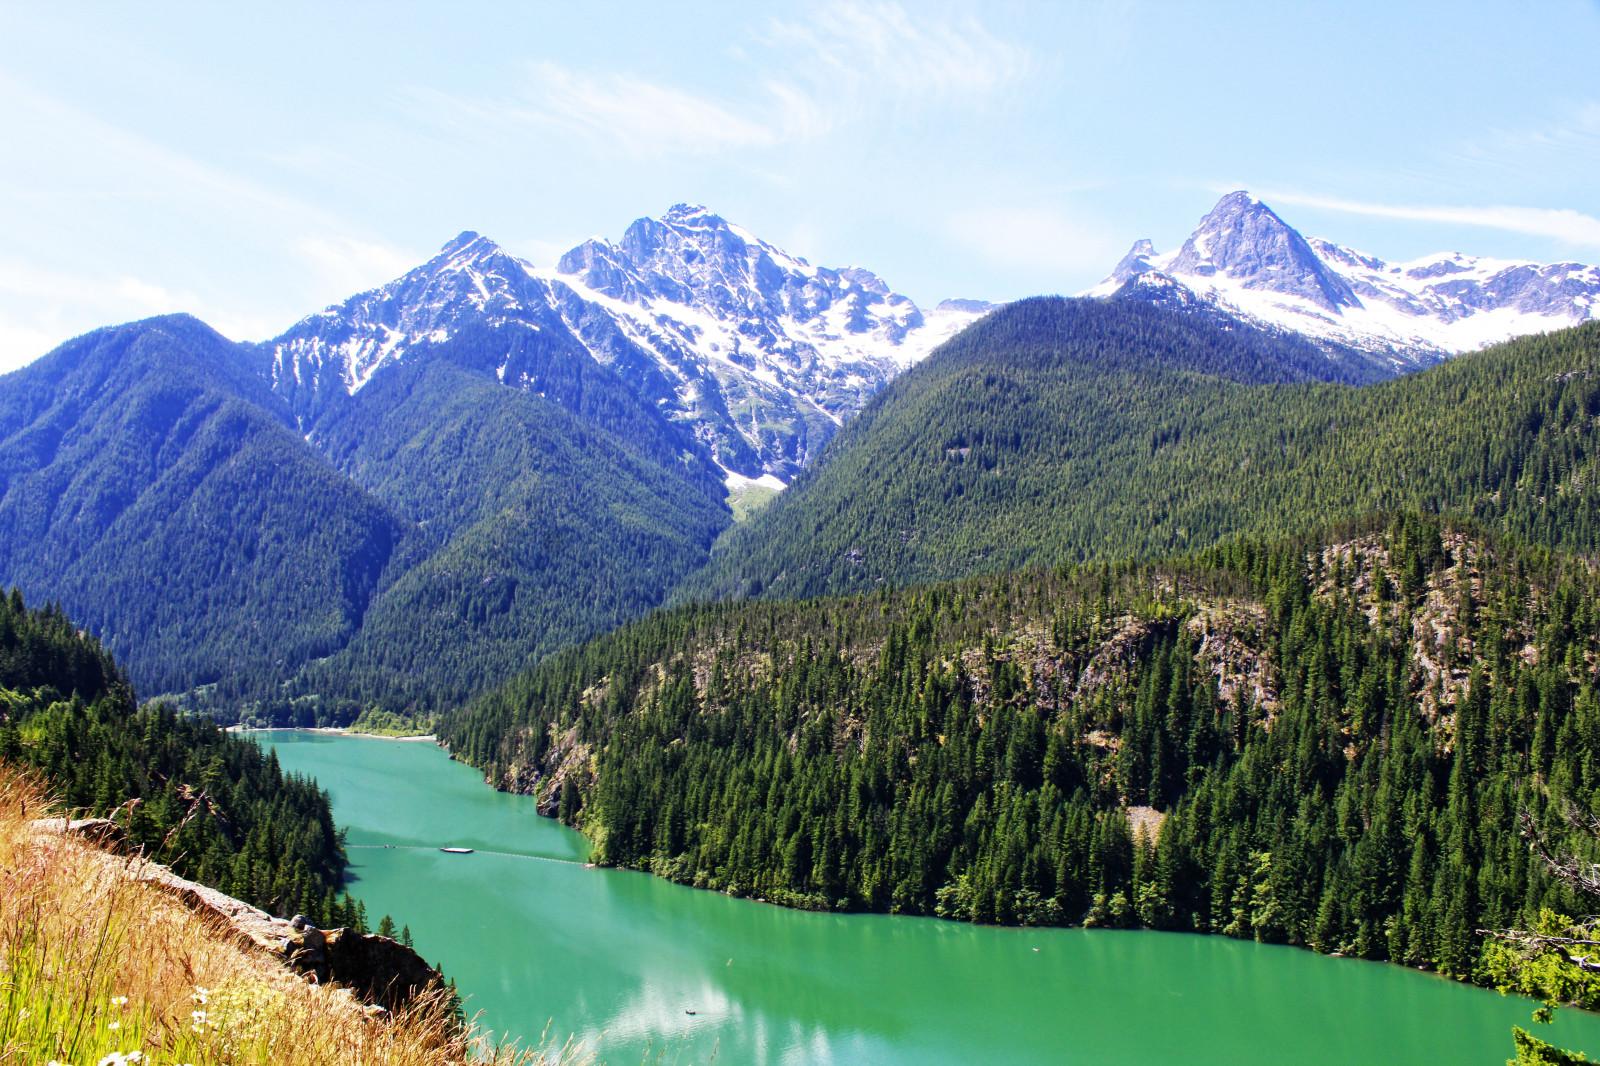 Fondos de pantalla papel pintado lago paisaje washington alta resoluci n viaje diablo - Papel pintado paisajes ...